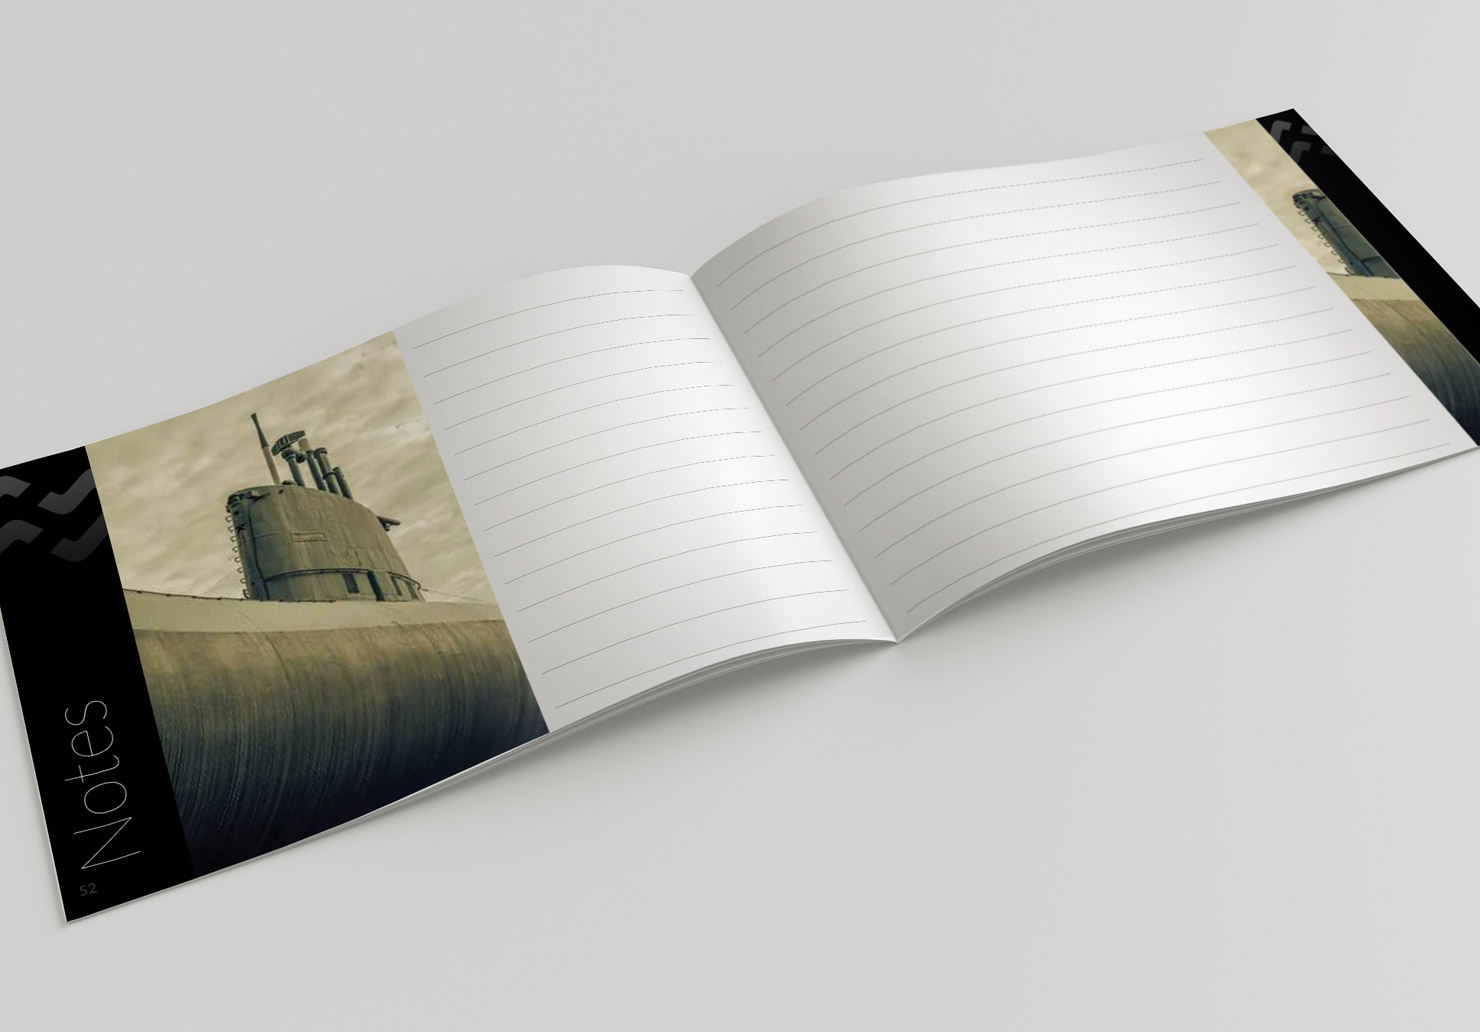 Livret de traduction Diveintar - Création de livrets par Emilie Le Béhérec Prima, graphiste freelance depuis 2009